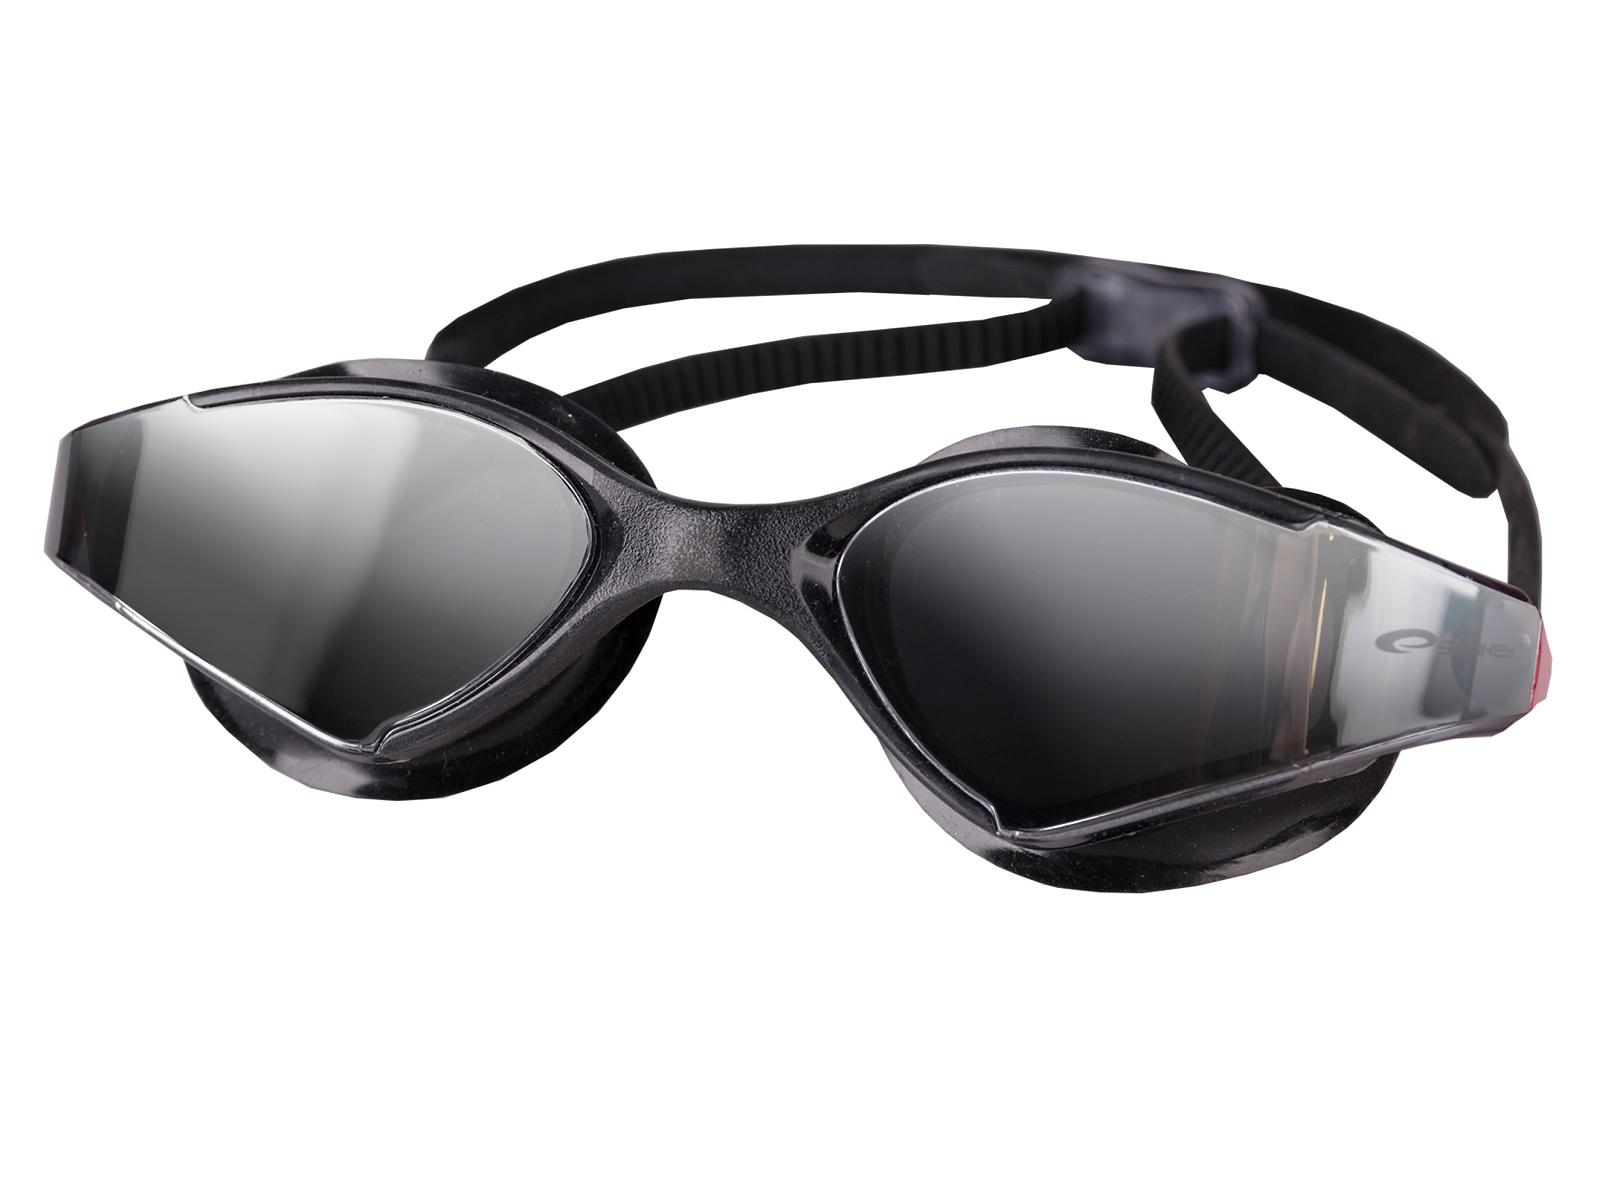 Plavecké brýle SPOKEY Tora - černé